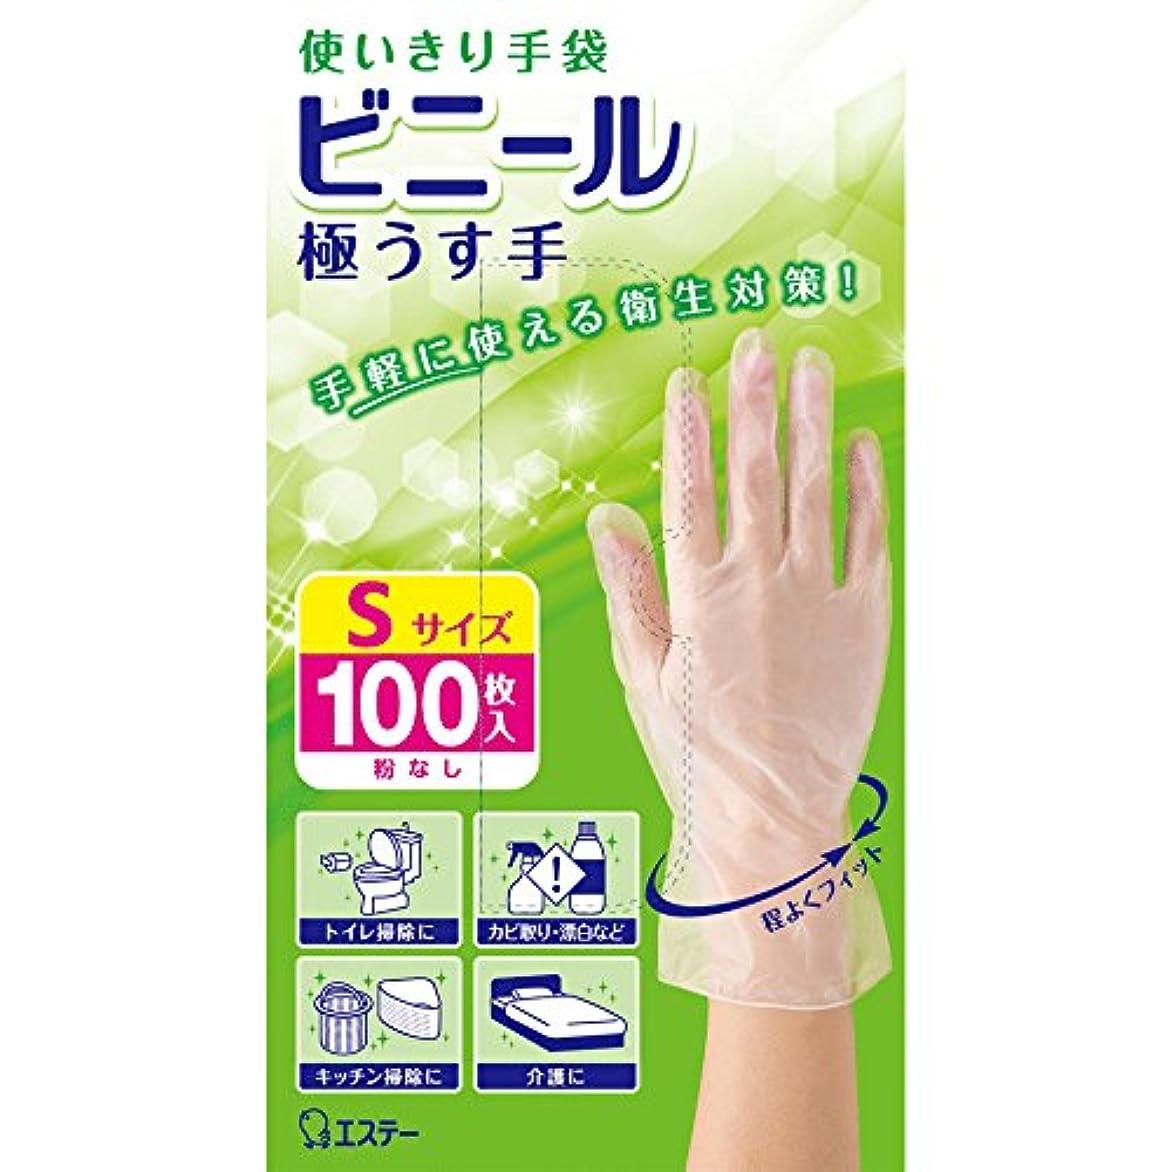 許容できる抑圧アジア使いきり手袋 ビニール 極うす手 炊事?掃除用 Sサイズ 半透明 100枚